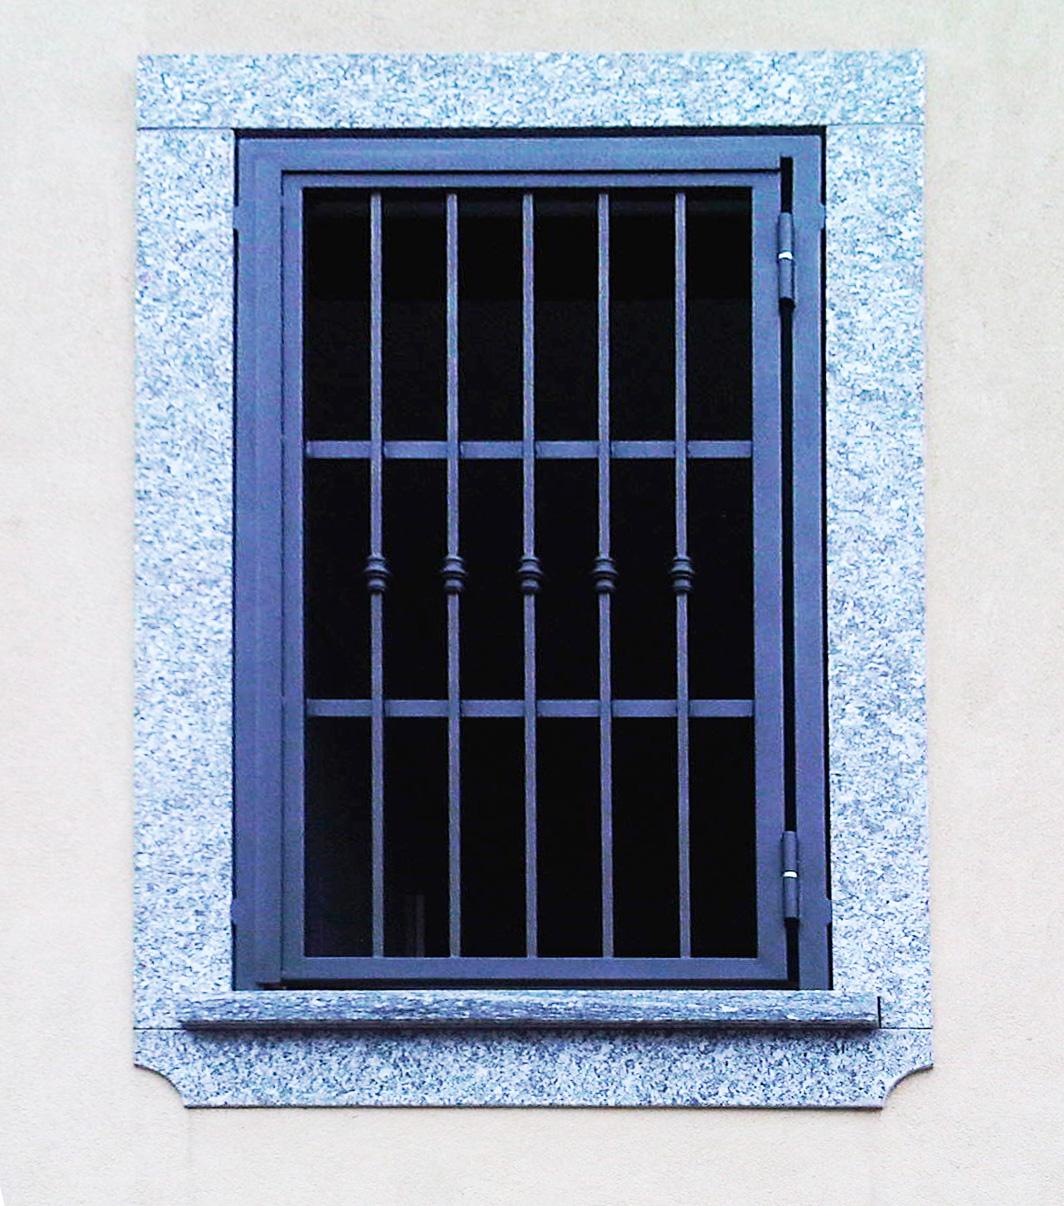 grata finestra chiusa sicura affidabile